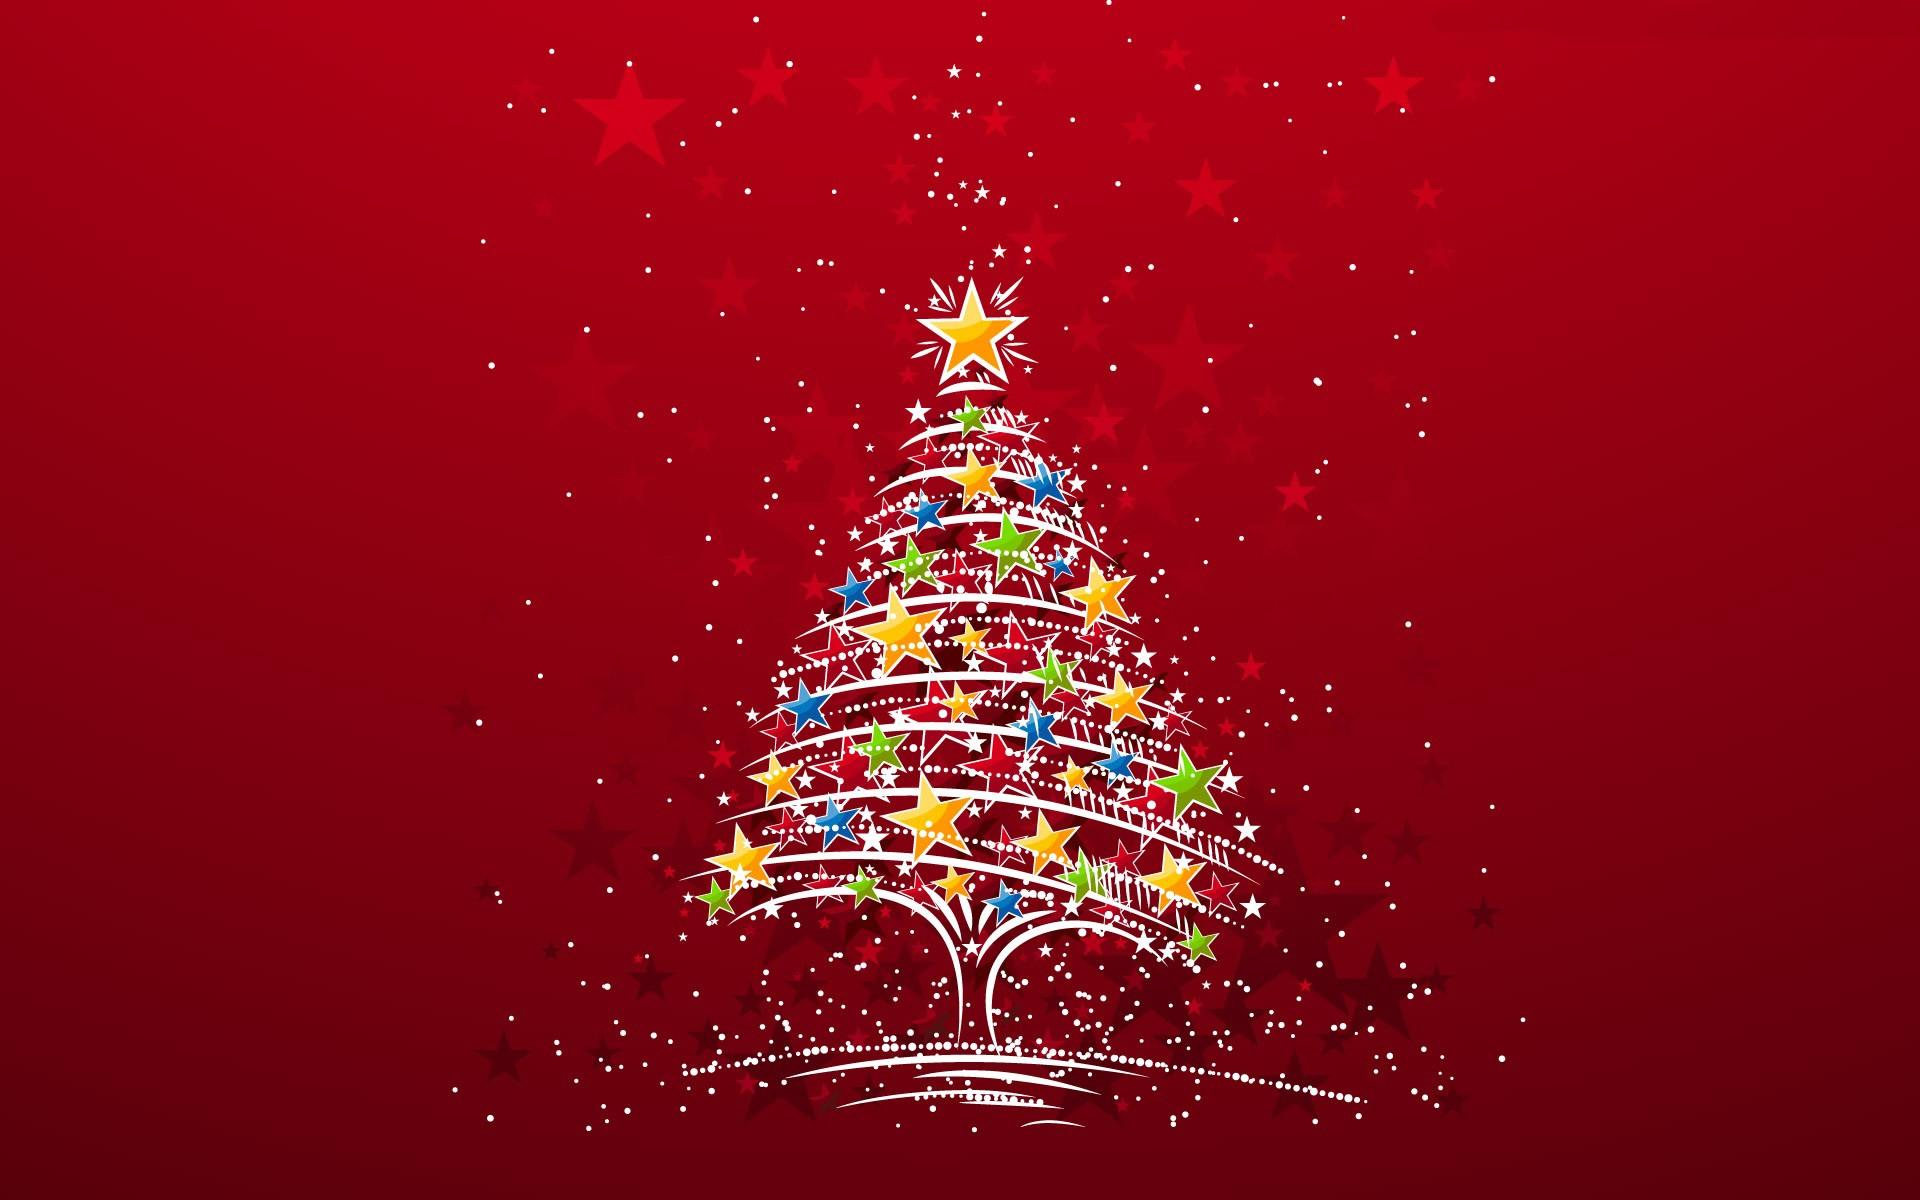 Mooie Kerstkaarten 2015⋆ Kerstwensen en Meer!: www.kerstwensen.eu/kerstkaarten